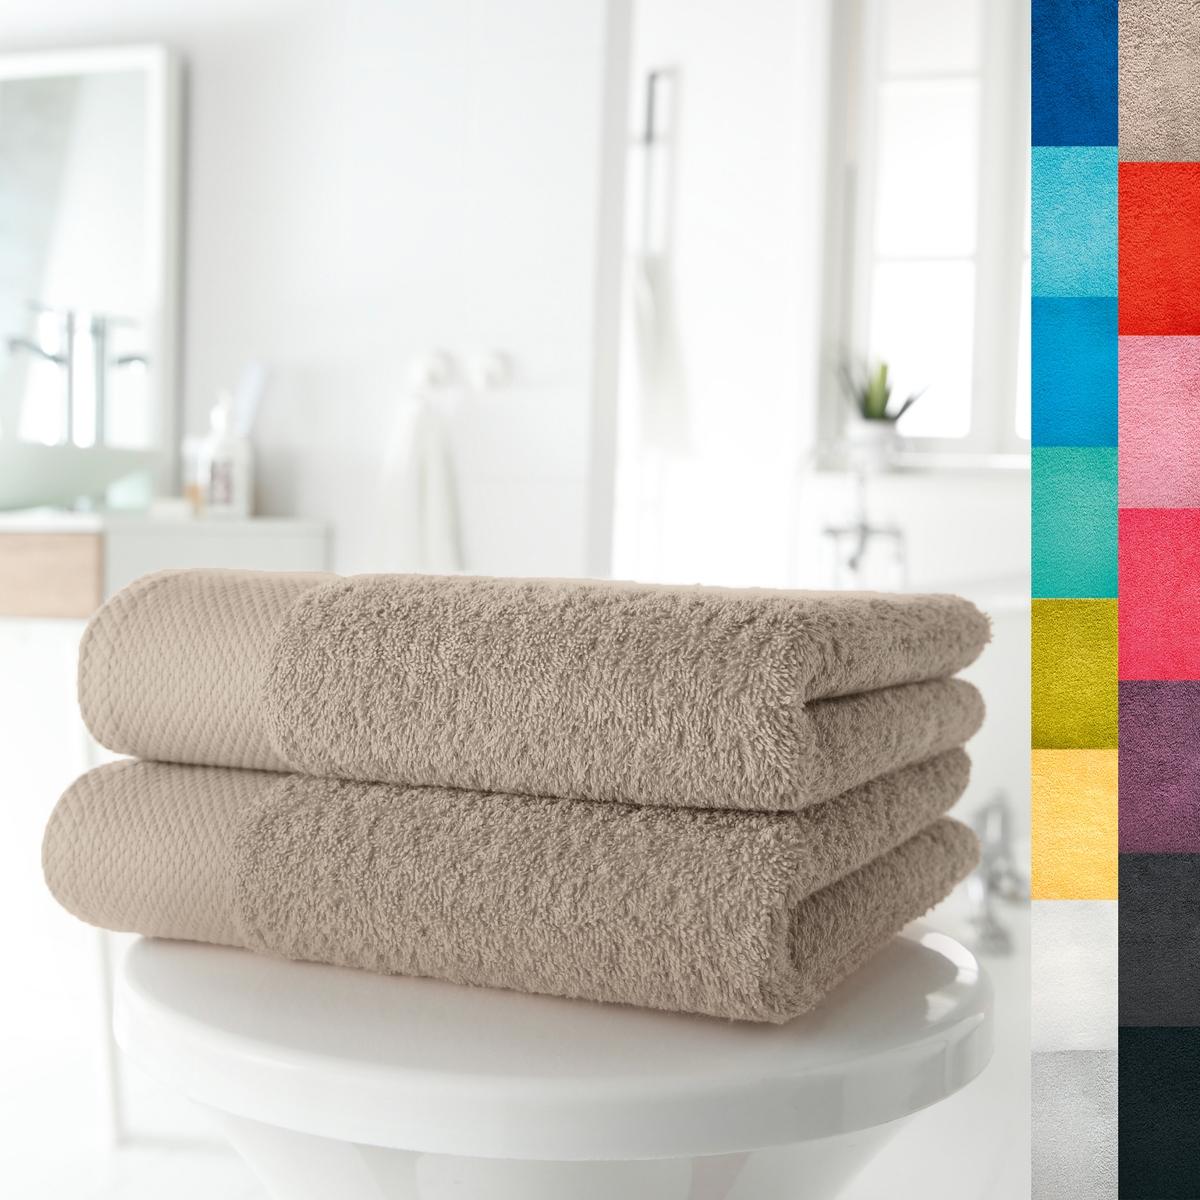 2 полотенца, 420 г/м² от La Redoute